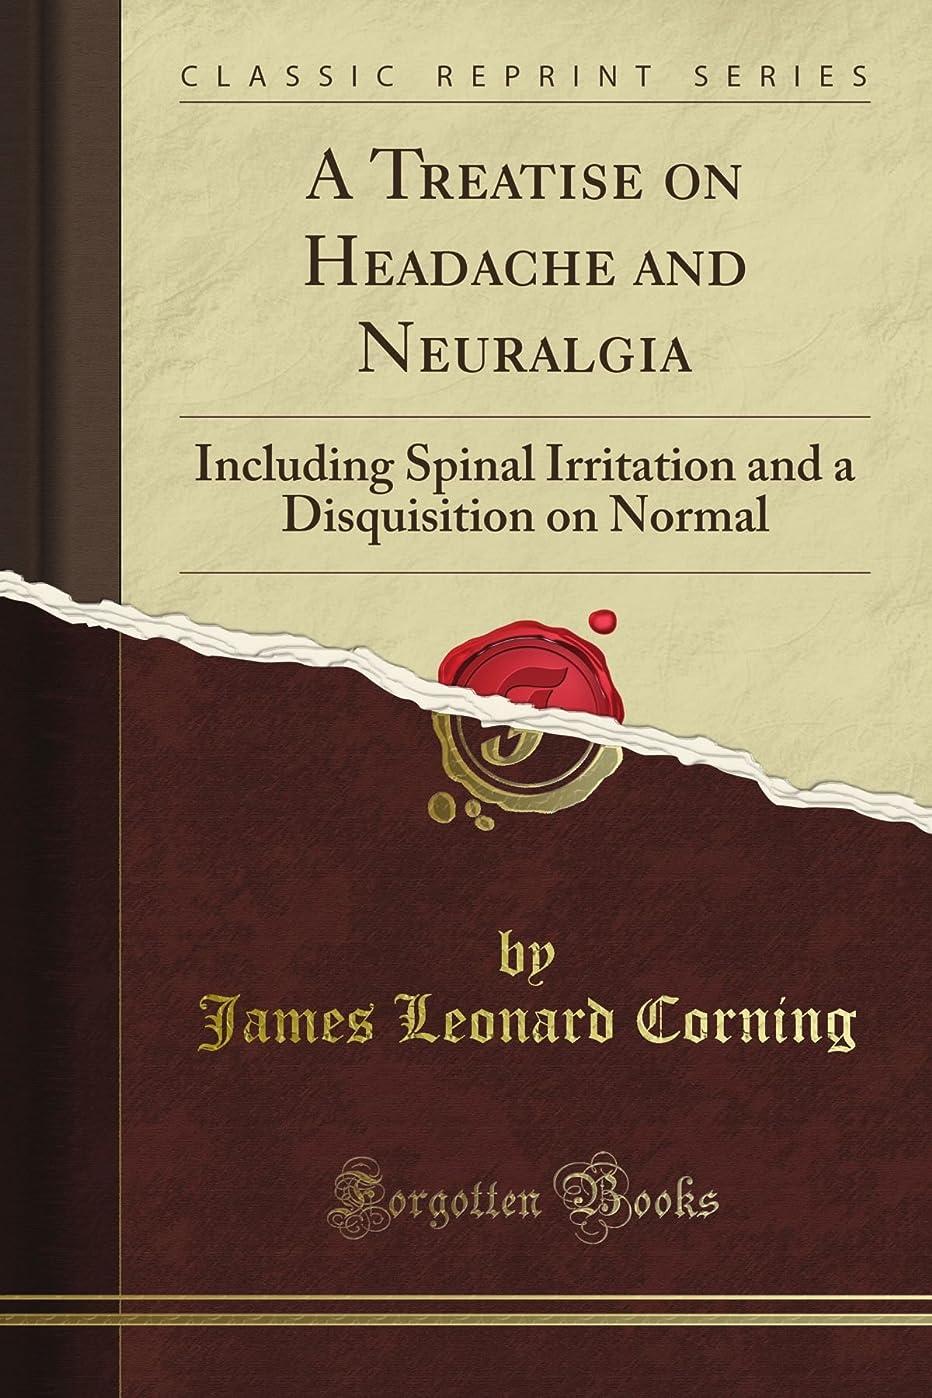 仕立て屋発表鰐A Treatise on Headache and Neuralgia: Including Spinal Irritation and a Disquisition on Normal (Classic Reprint)